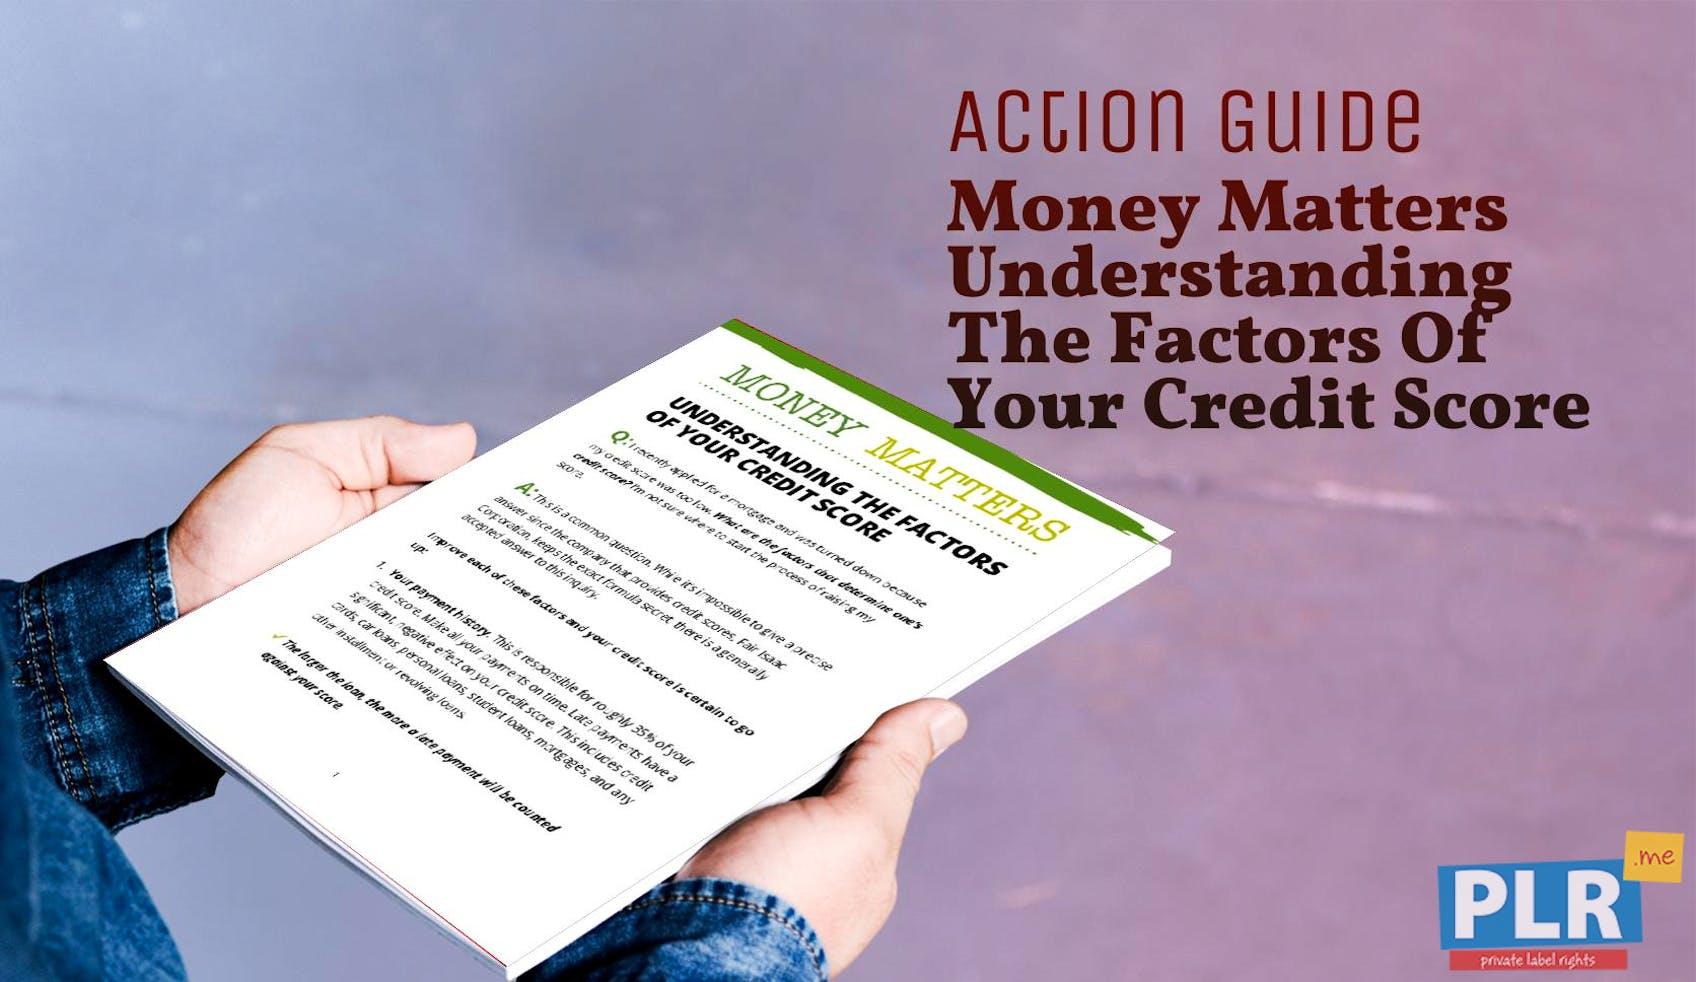 Money Matters Understanding The Factors Of Your Credit Score